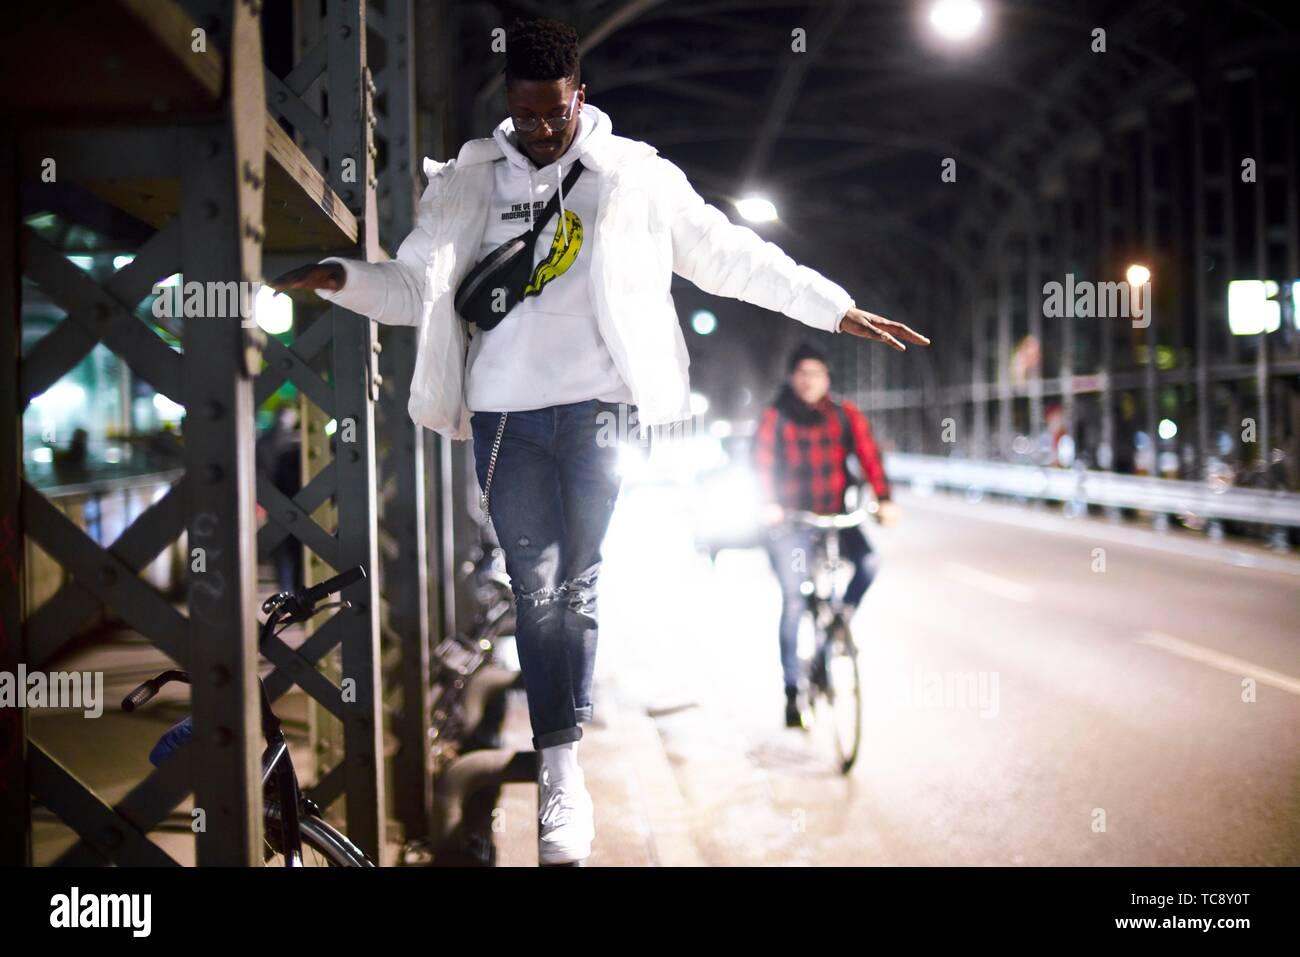 Jeune homme en équilibre sur la construction métallique du pont, pont Hacker Hackerbrücke, la nuit dans la ville, à côté de rue, location chauffeur, à Munich, Allemagne Banque D'Images